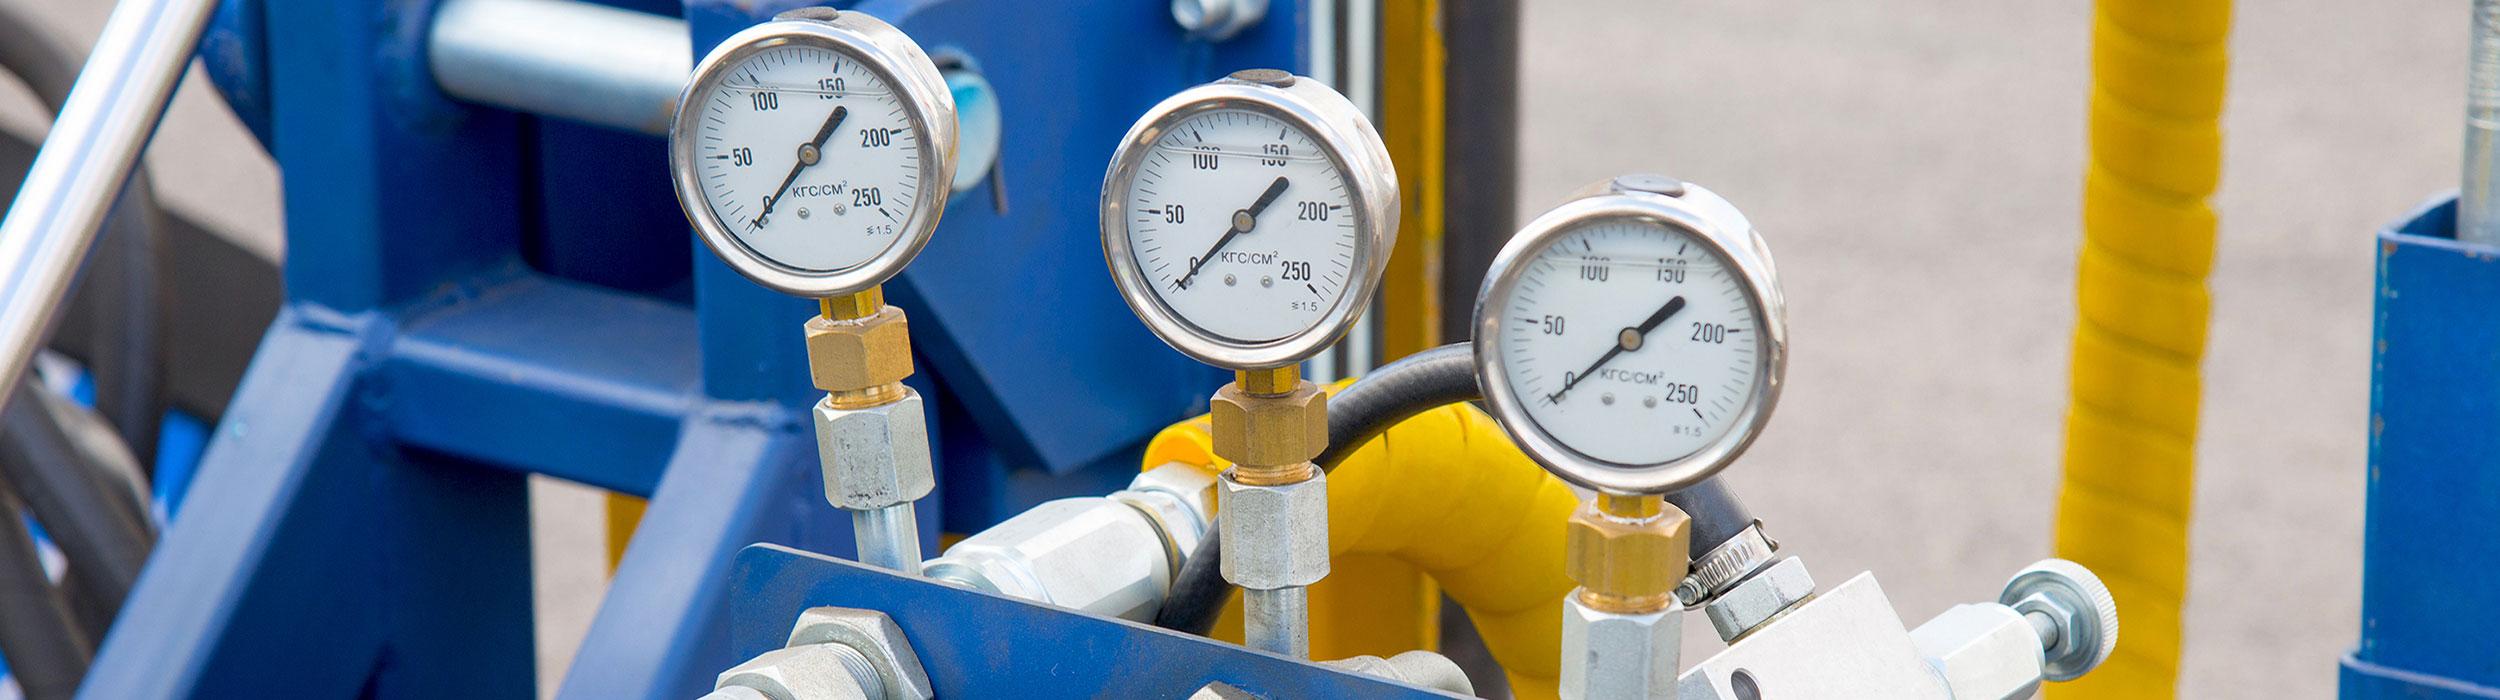 Hydraulik Messtechnik